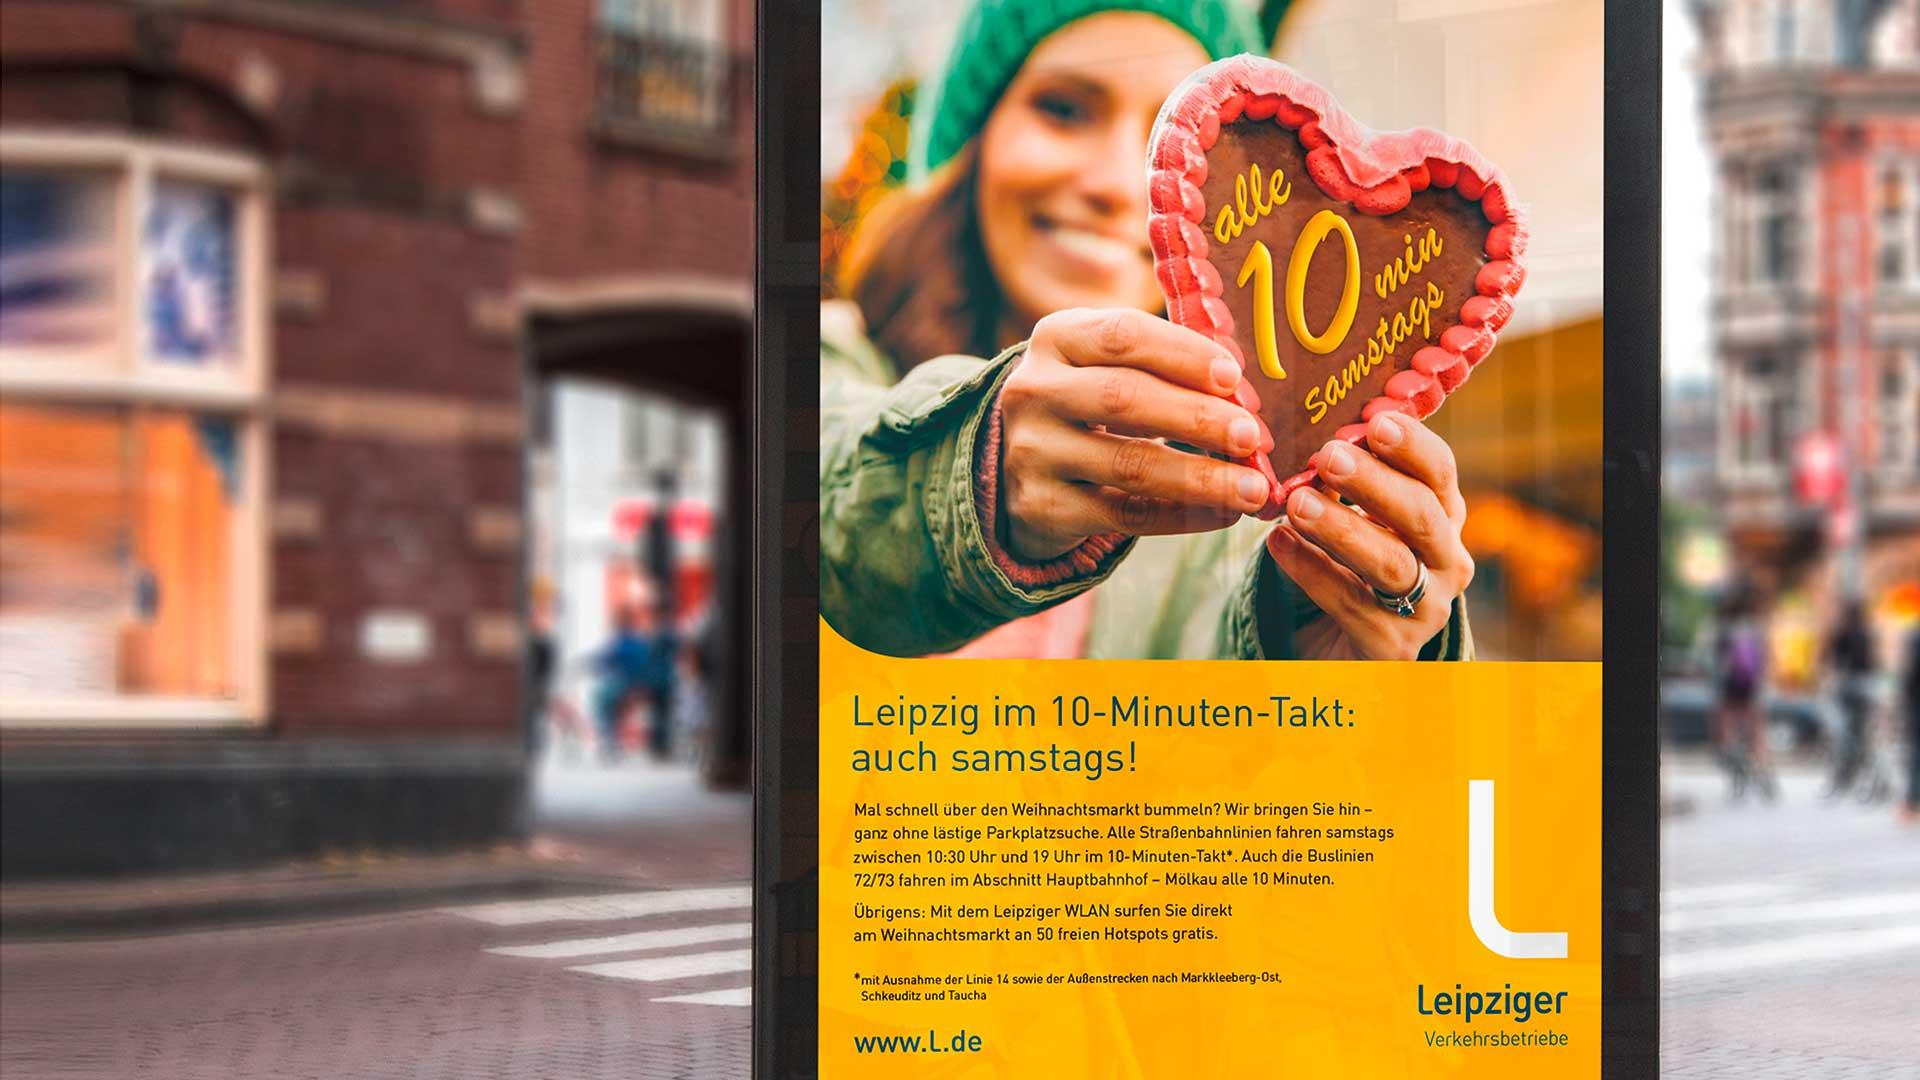 Leipzig im 10-Minuten-Takt